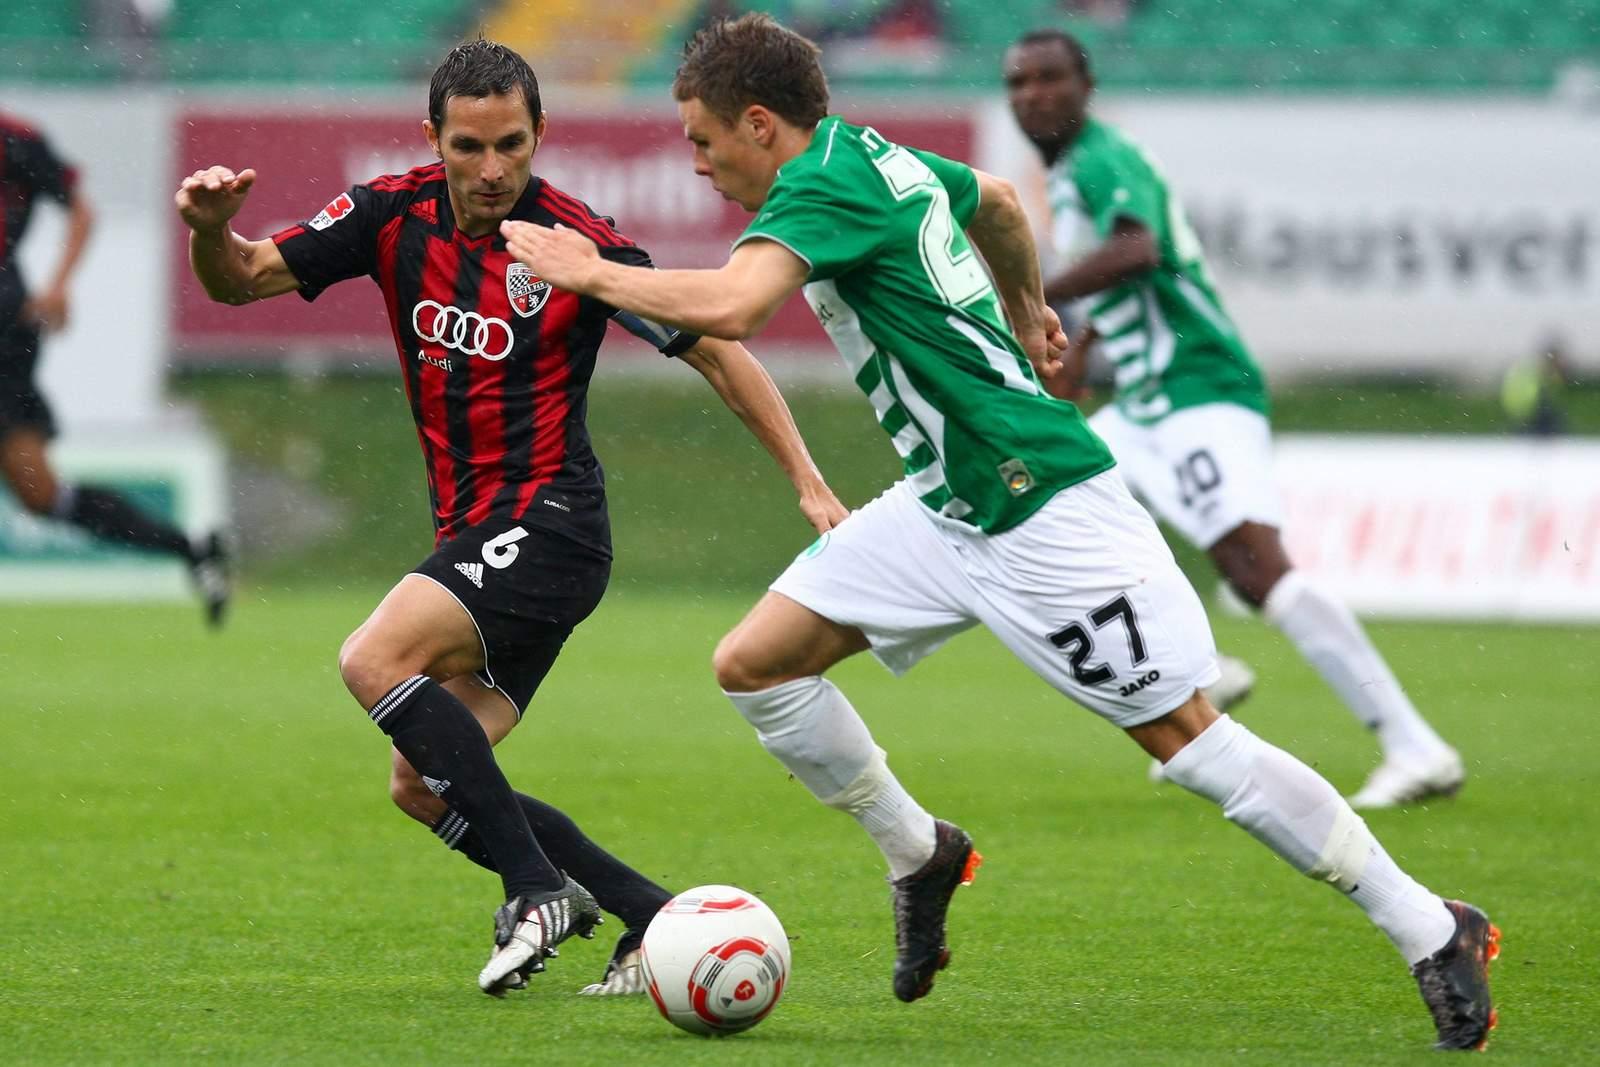 Setzt sich Leitl diesmal gegen die SpVgg durch? Jetzt auf Greuther Fürth gegen Ingolstadt wetten